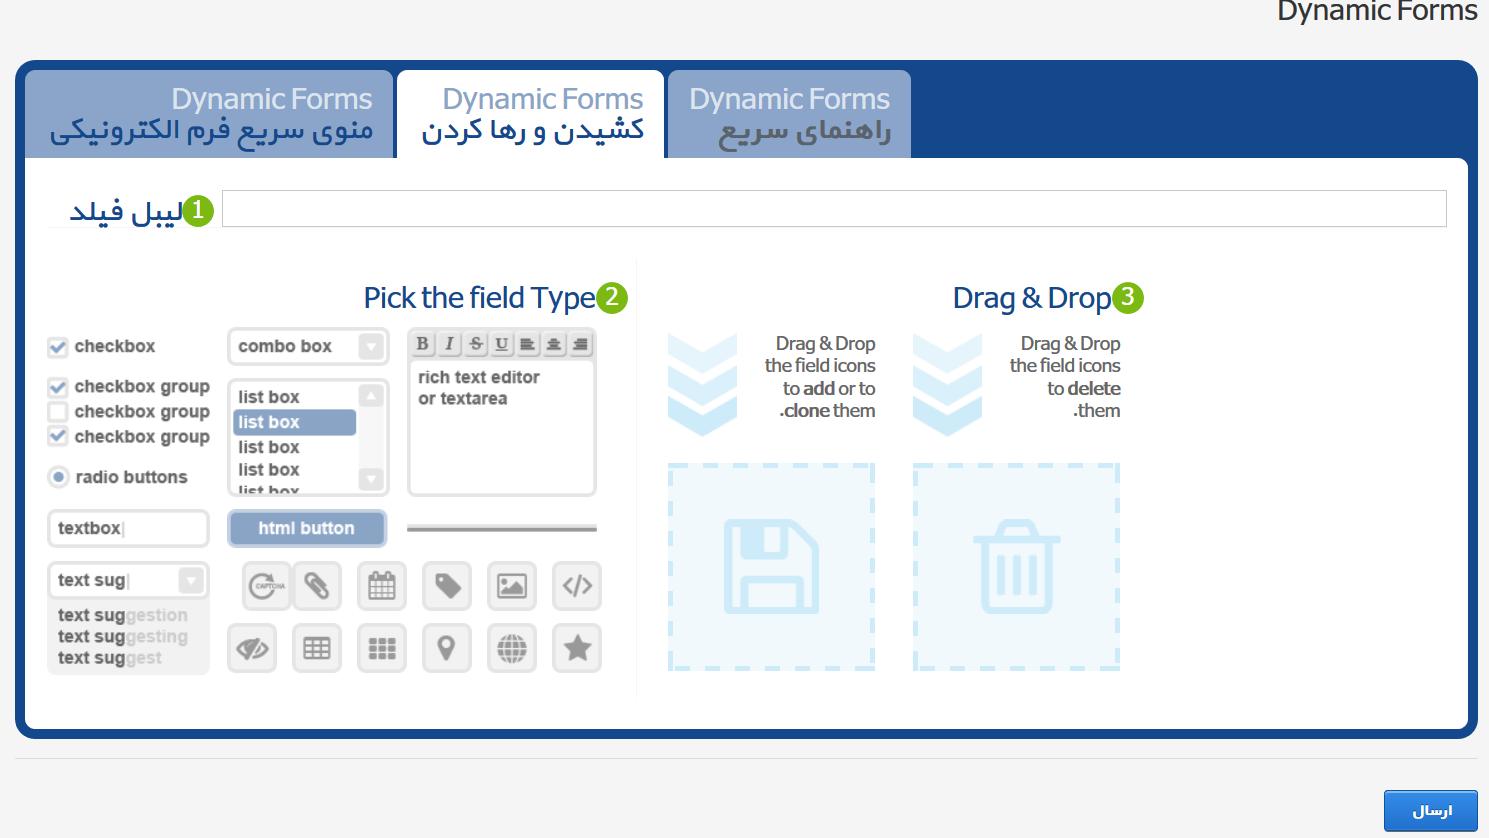 ماژول داینامیک فرم نسخه 6